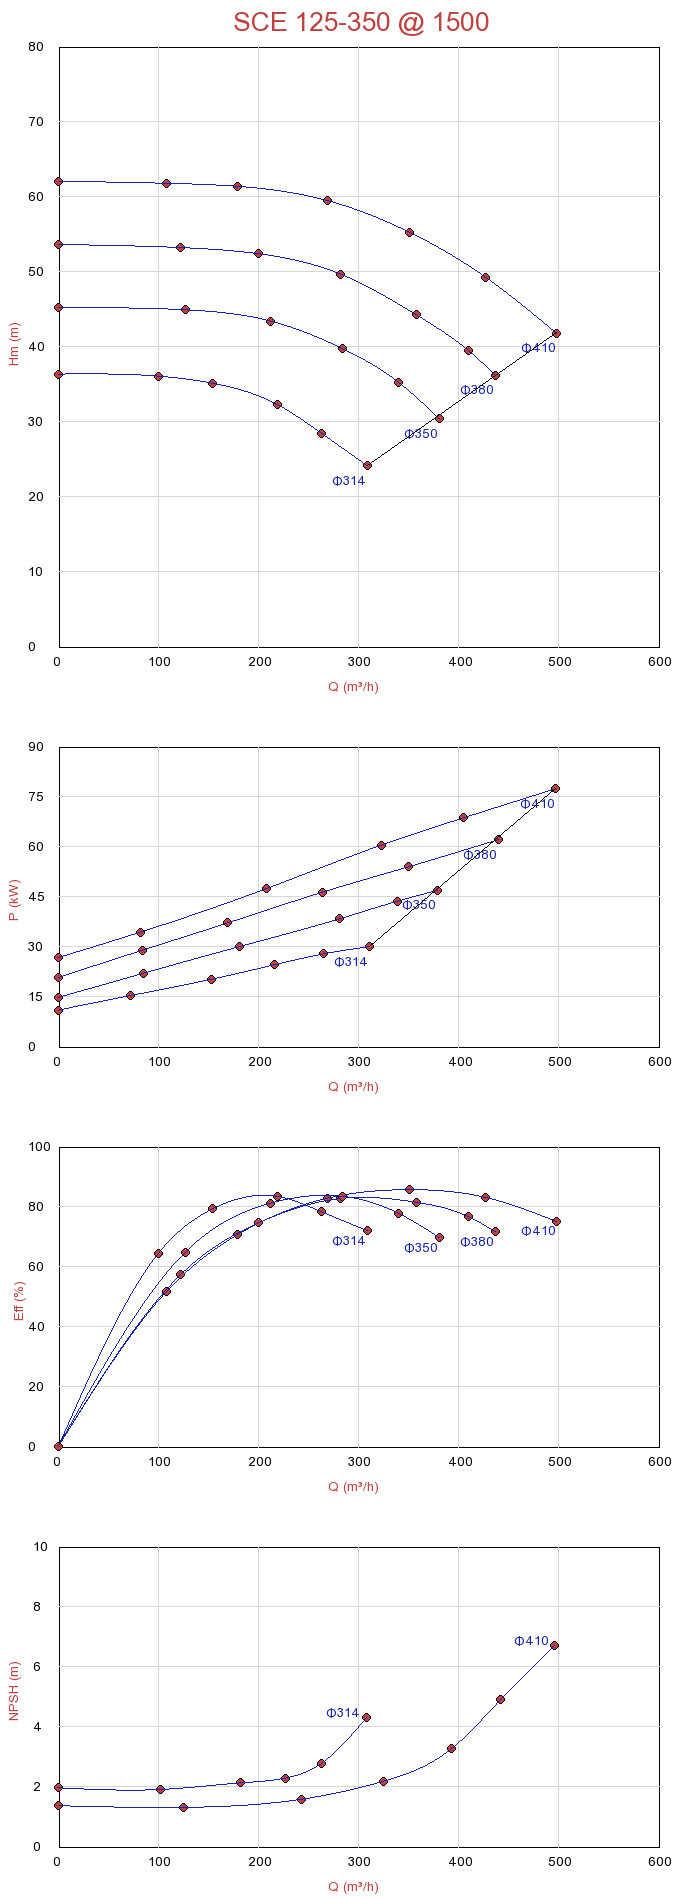 Biểu đồ lưu lượng máy bơm ly tâm hút đôi Sempa SCE 125-350 (1500rpm)